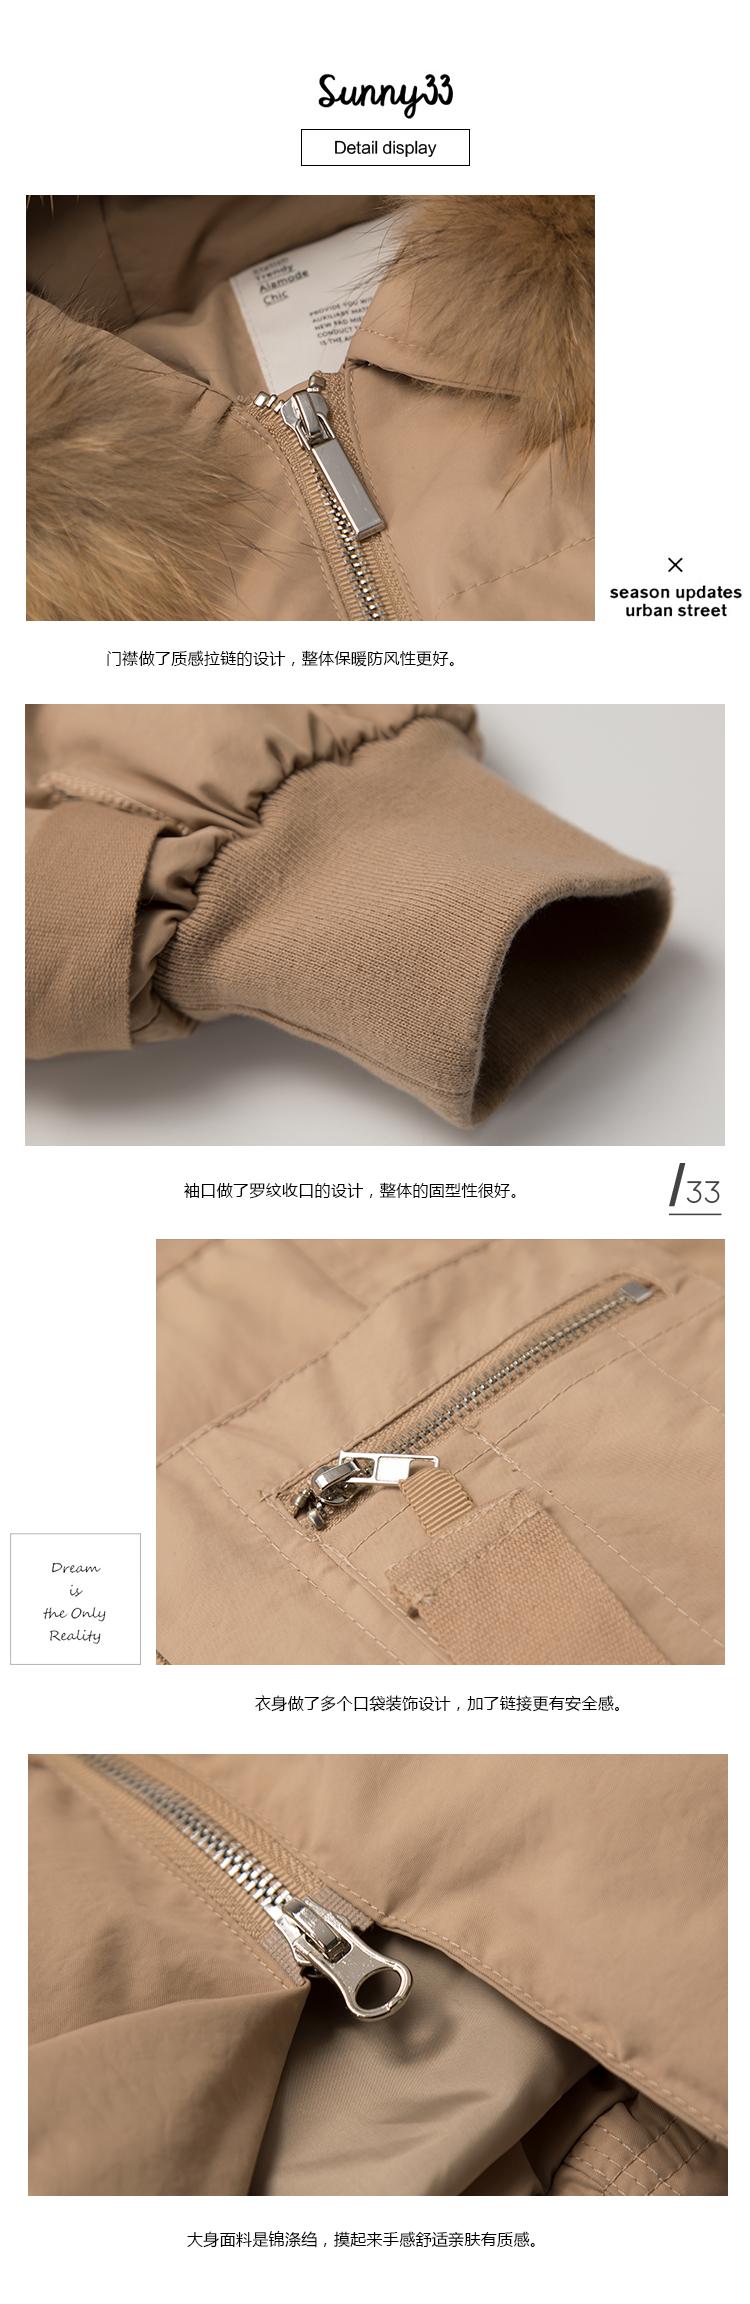 Sơn Đông mùa thu và mùa đông mô hình dày lỏng lỏng lẻo lớn cổ áo lông thú 90 nhung dài xuống áo khoác